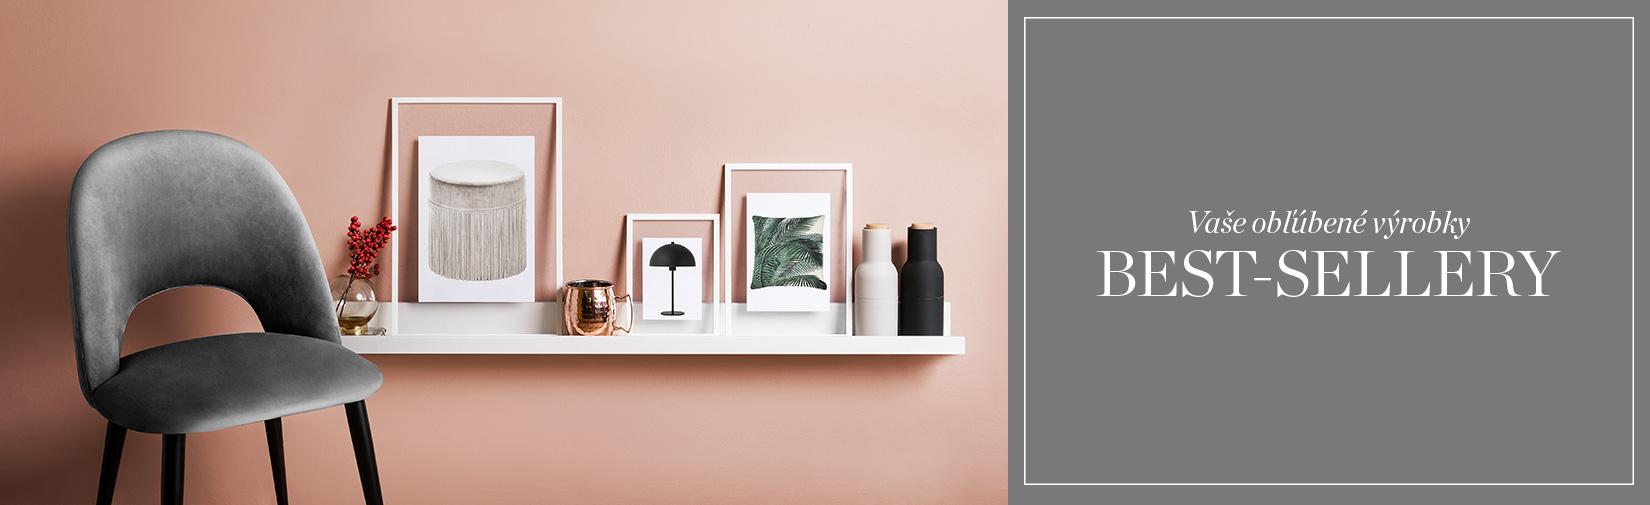 LP_Bestseller-2018_Desktop